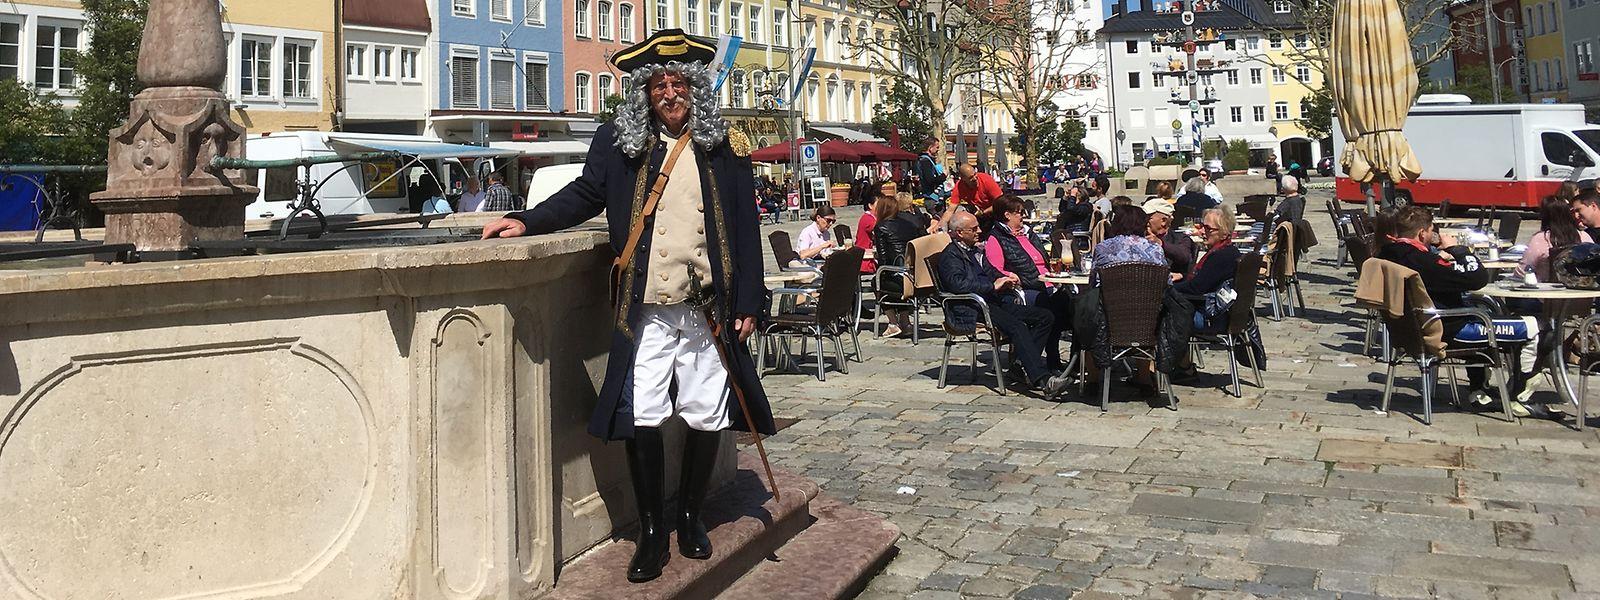 Zum Jubiläum der Soleleitung wieder zum Leben erweckt wurde der Salzmaier, der hier in Persona von Sepp Knott am Brunnen des Stadtplatzes von Traunstein steht.